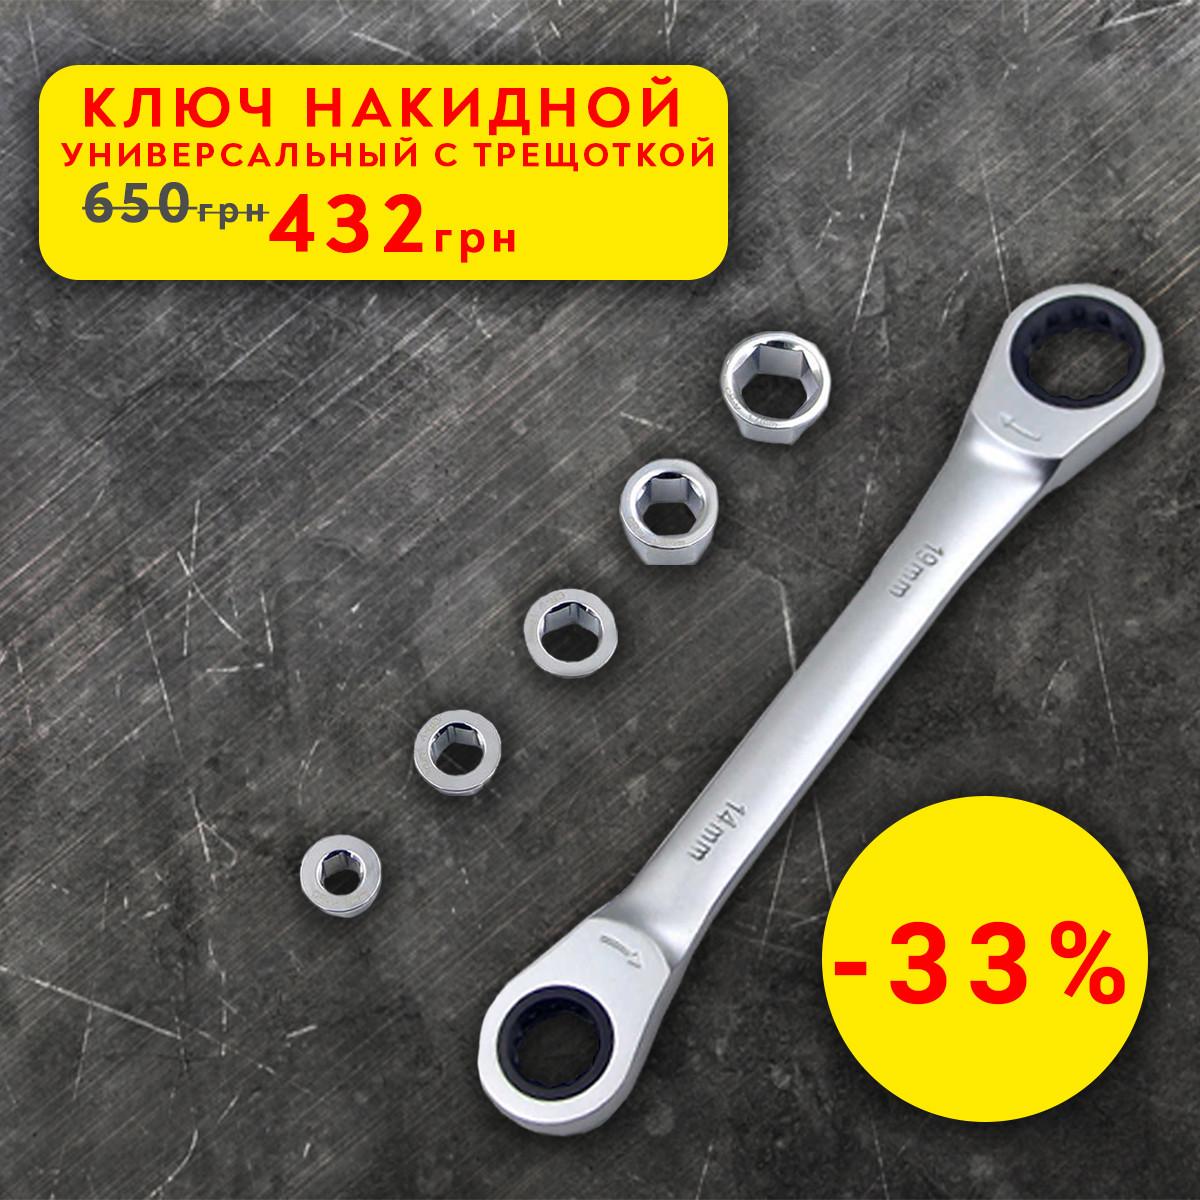 Ключ накидной универсальный с трещоткой (Сменные матрицы 8, 10, 12, 13, 14, 17, 19 мм) HTools, 35K200